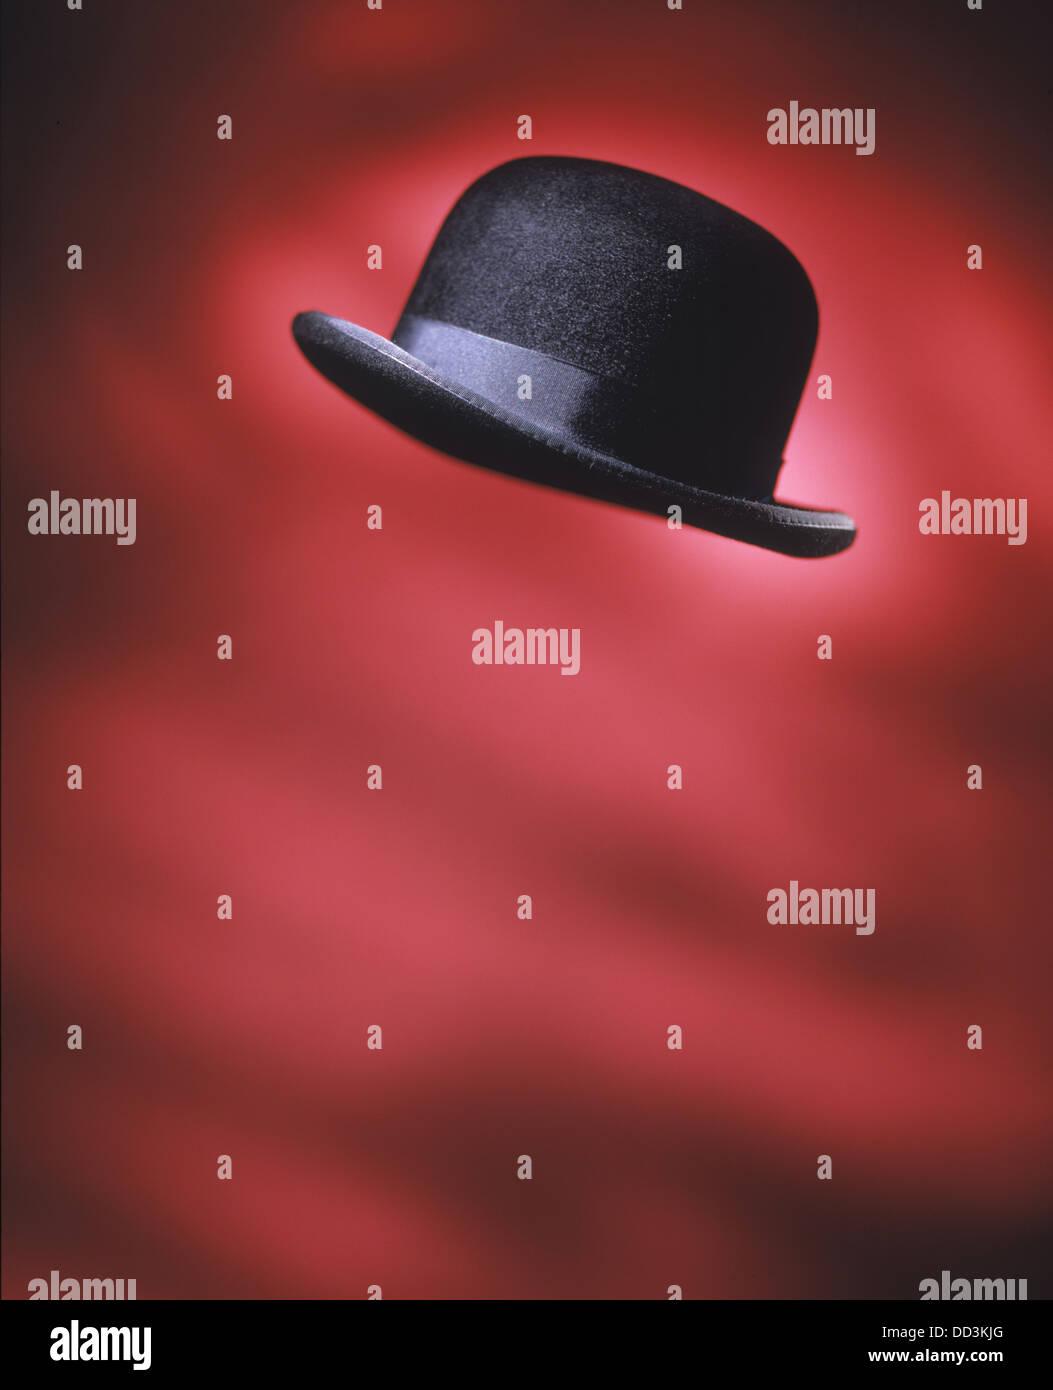 Ein schwarzer Herren Derby Hut in die Luft fliegen. Leuchtend roten Hintergrund Stockbild